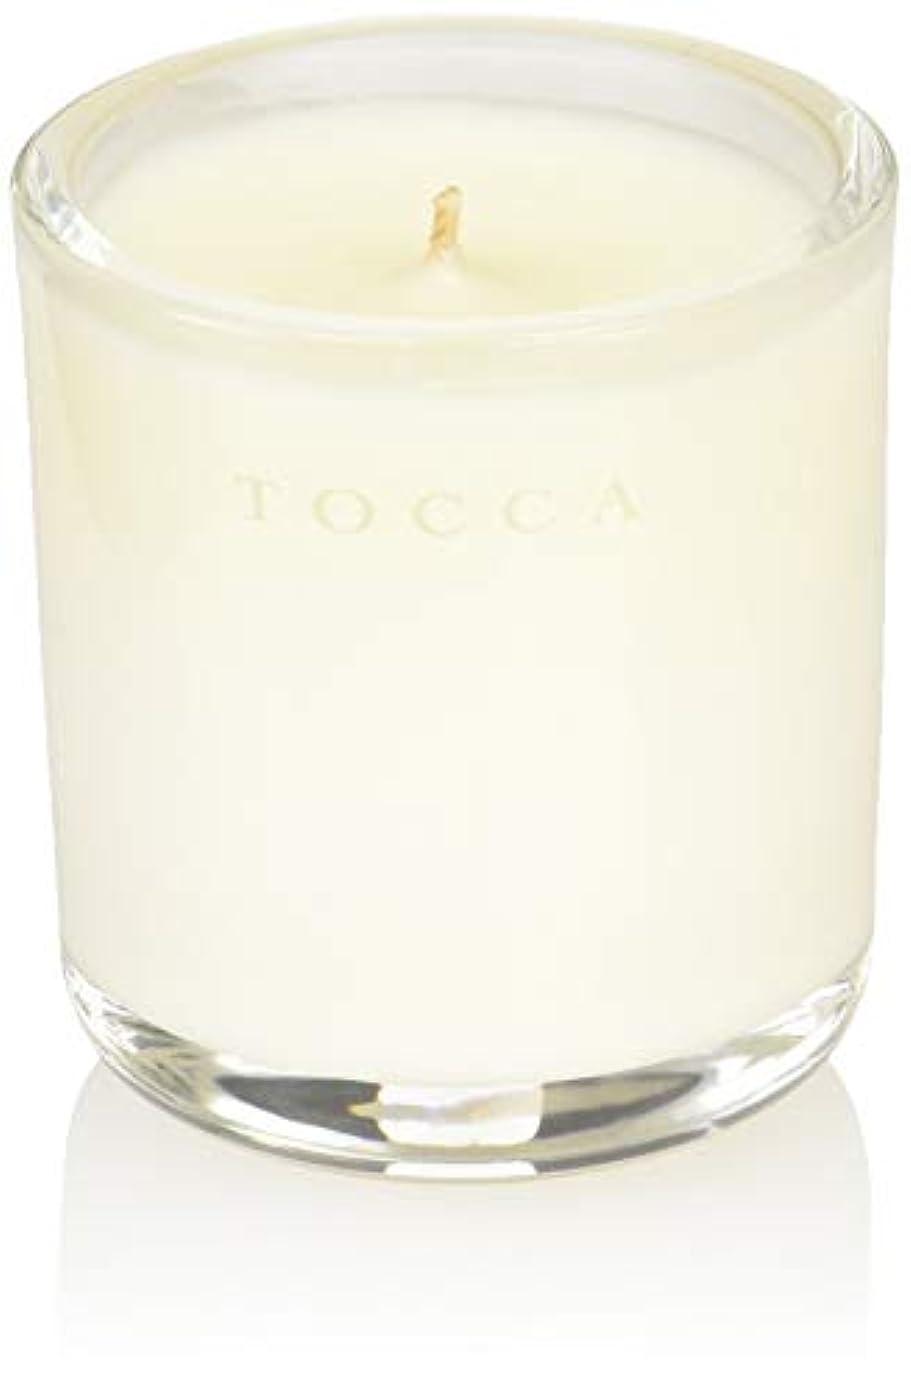 環境保護主義者住所どう?TOCCA(トッカ) ボヤージュ キャンデリーナ カプリ 85g (ろうそく 芳香 柑橘とメロンの魅惑なシトラスな香り)